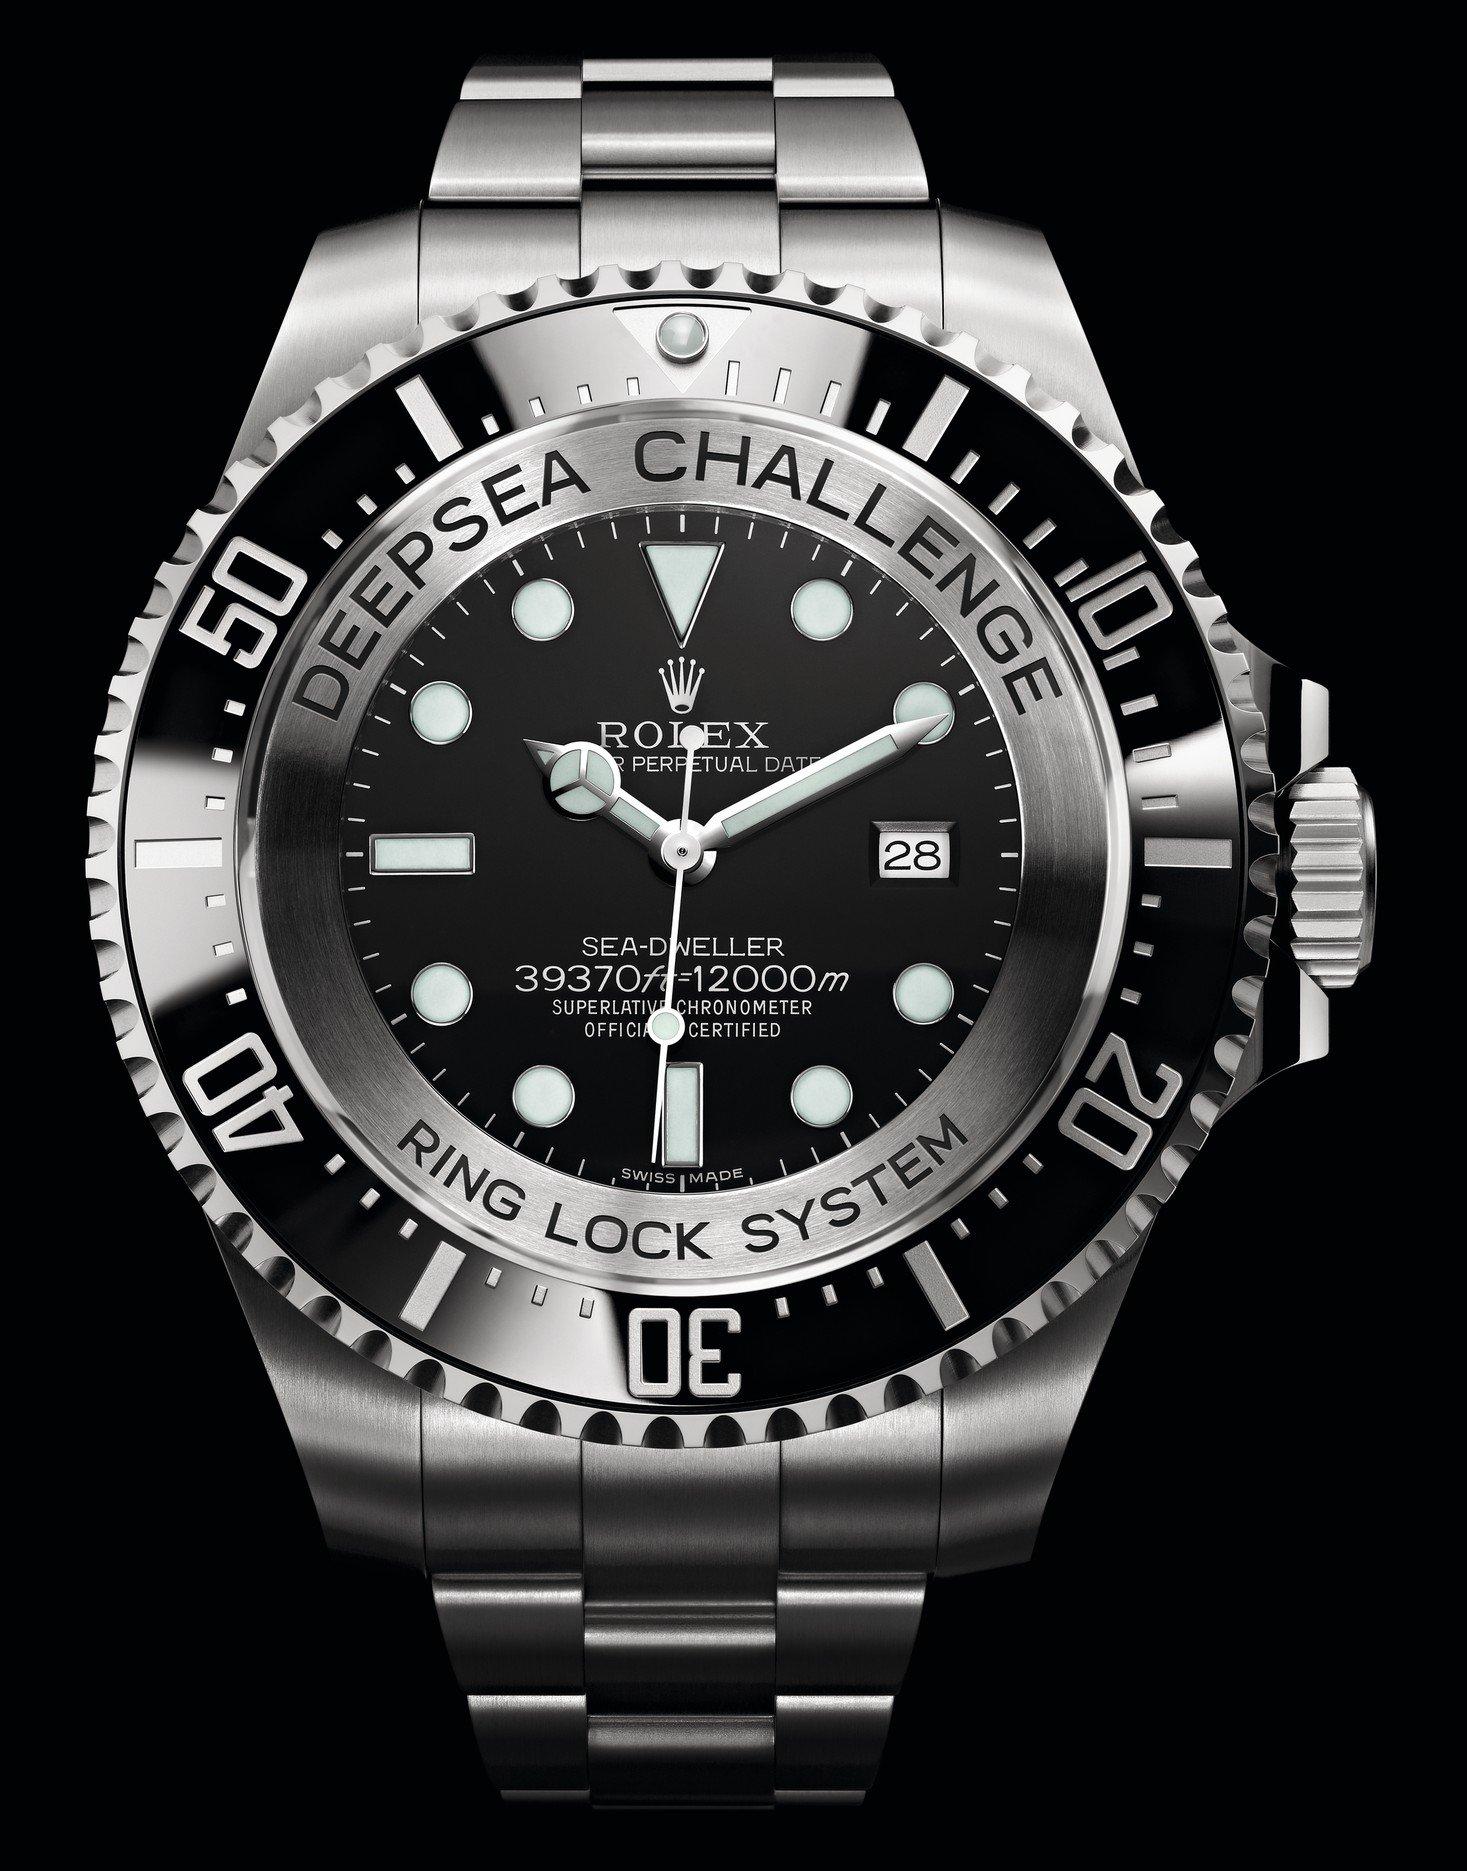 03_Rolex_Deepsea_Challenge